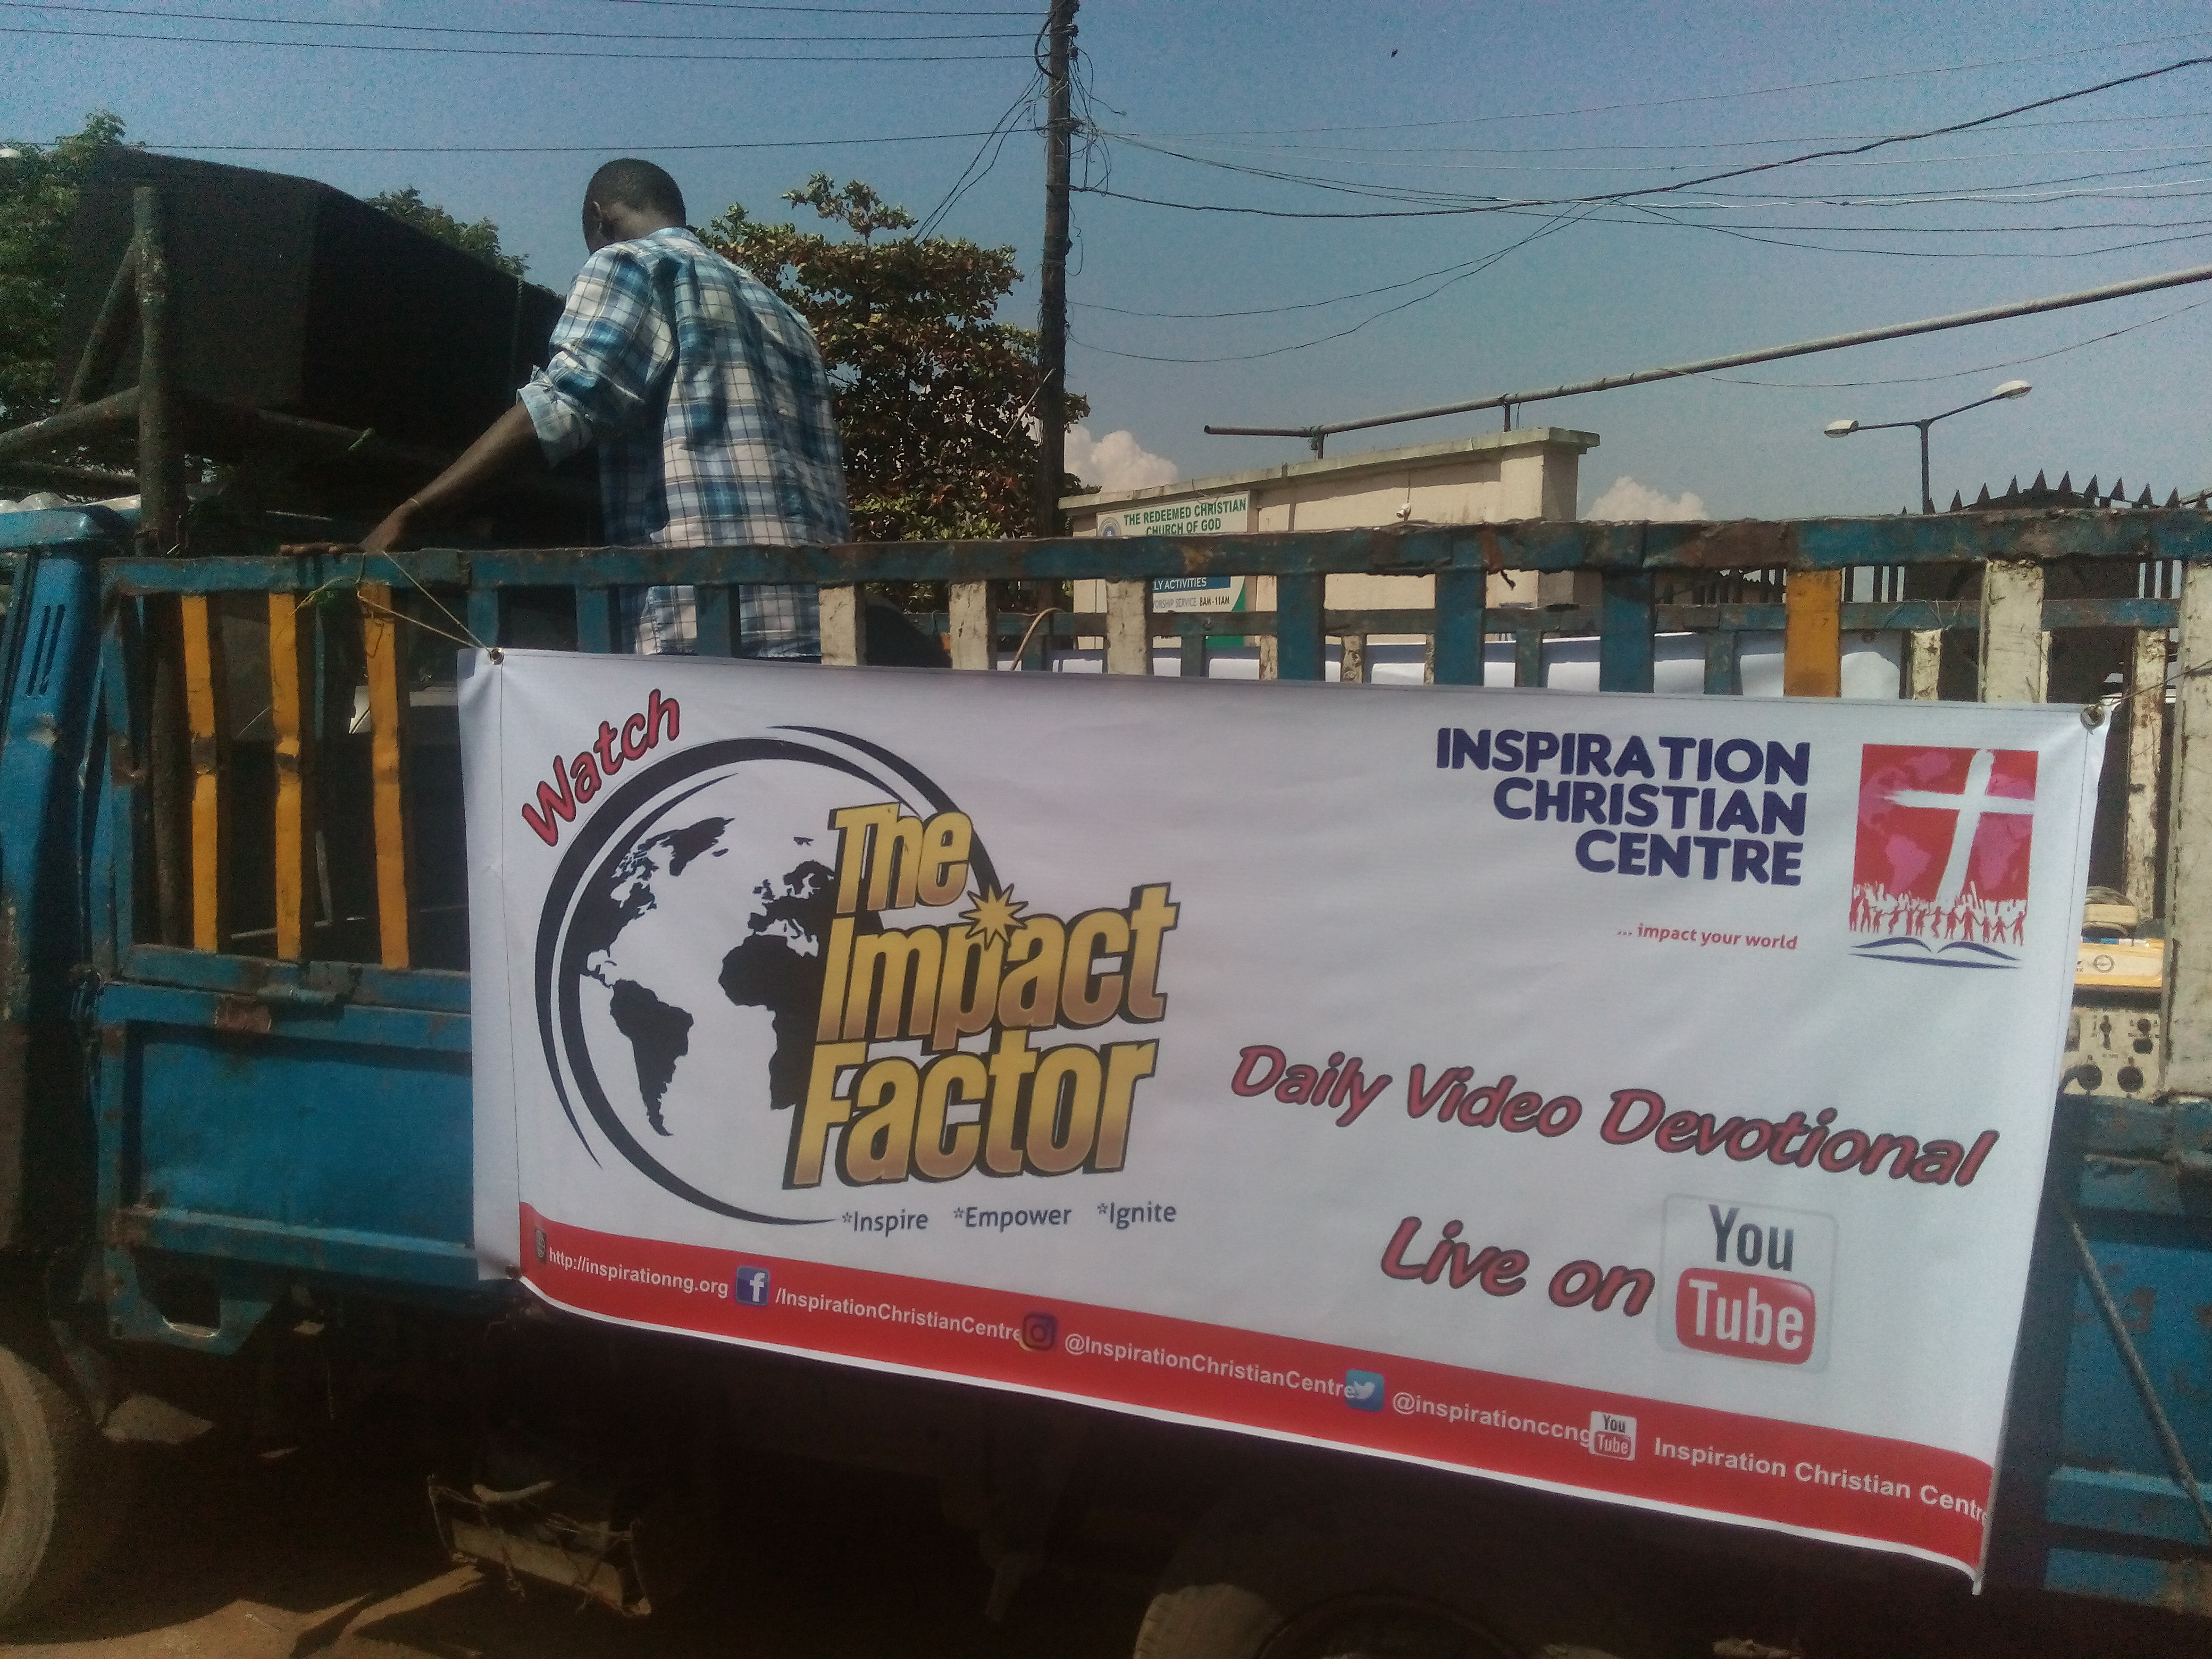 Inspiration Train Outreach